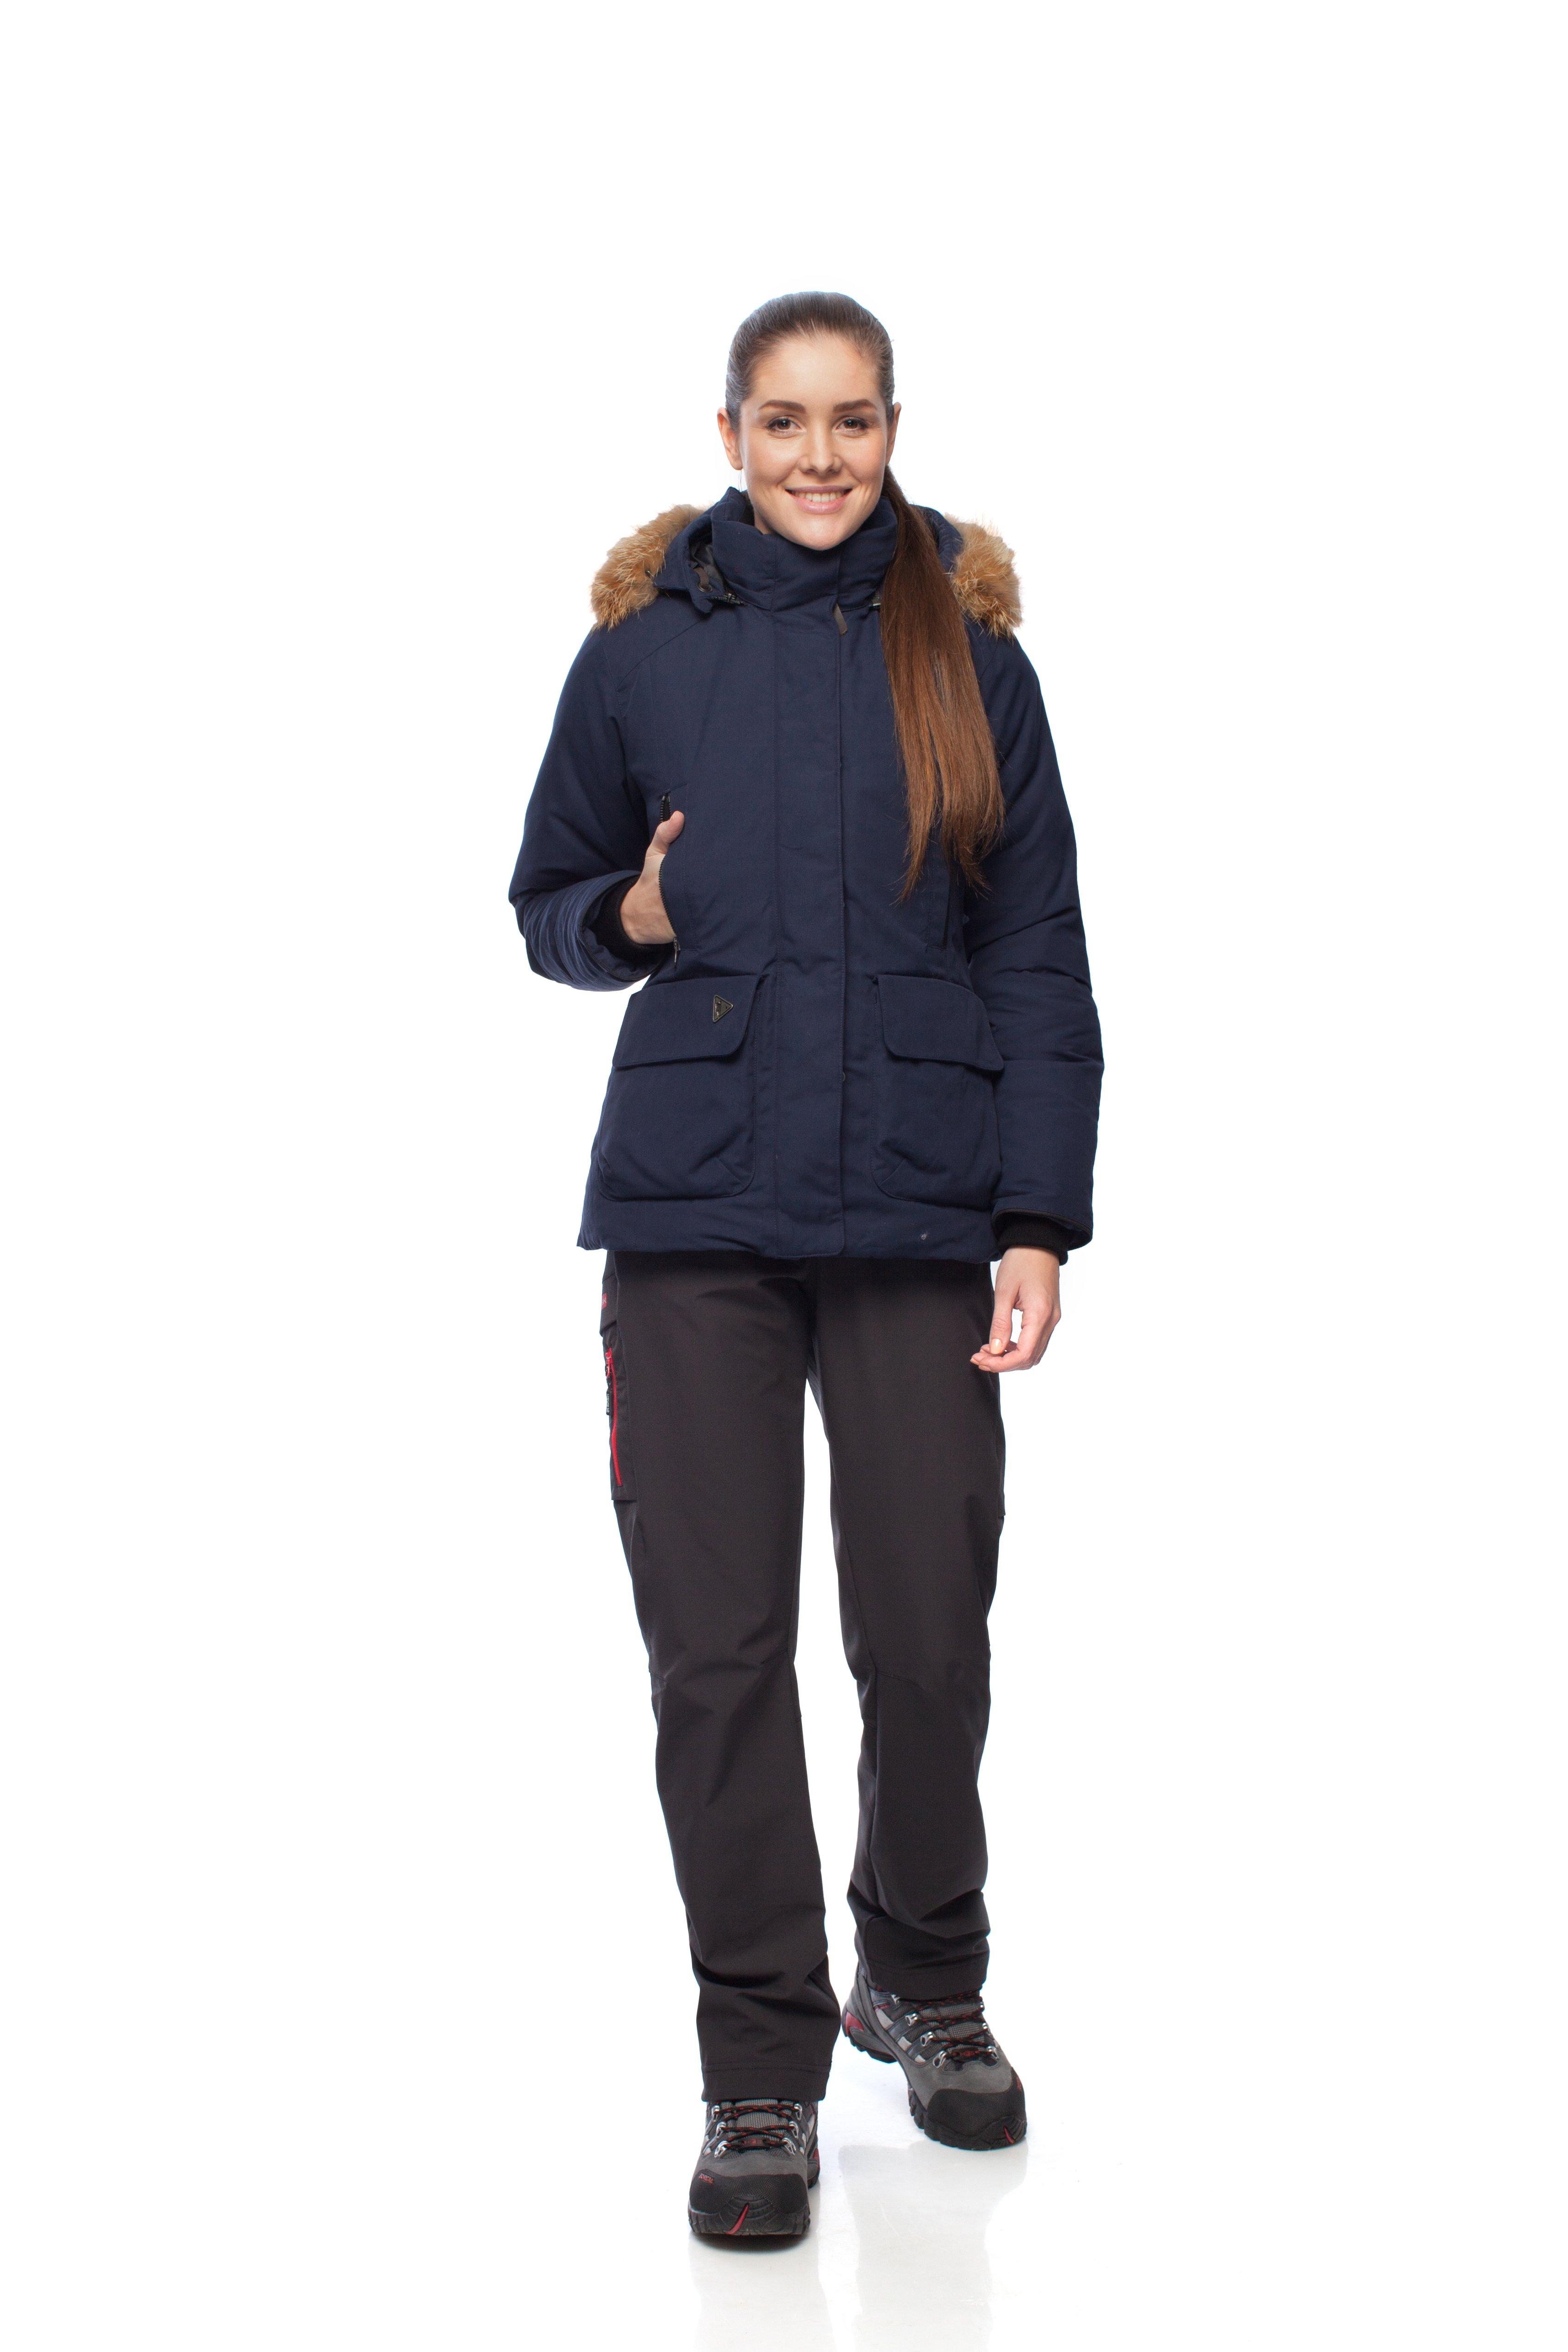 Куртка BASK INTA 1463Женская пуховая куртка для города.<br><br>Верхняя ткань: Advance® Casual<br>Вес граммы: 1405<br>Вес утеплителя: 263<br>Ветро-влагозащитные свойства верхней ткани: Да<br>Ветрозащитная планка: Да<br>Ветрозащитная юбка: Нет<br>Влагозащитные молнии: Нет<br>Внутренние манжеты: Да<br>Внутренняя ткань: Advance® Classic<br>Дублирующий центральную молнию клапан: Да<br>Защитный козырёк капюшона: Нет<br>Капюшон: Отстегивается<br>Карман для средств связи: Нет<br>Количество внешних карманов: 6<br>Количество внутренних карманов: 2<br>Коллекция: OutDoor Spirit<br>Мембрана: Нет<br>Объемный крой локтевой зоны: Нет<br>Отстёгивающиеся рукава: Нет<br>Показатель Fill Power (для пуховых изделий): 700<br>Пол: Жен.<br>Проклейка швов: Нет<br>Регулировка манжетов рукавов: Нет<br>Регулировка низа: Нет<br>Регулировка объёма капюшона: Да<br>Регулировка талии: Да<br>Регулируемые вентиляционные отверстия: Нет<br>Световозвращающая лента: Нет<br>Температурный режим: -15<br>Технология Thermal Welding: Нет<br>Технология швов: Простые<br>Тип молнии: Двухзамковая<br>Тип утеплителя: Натуральный<br>Ткань усиления: Нет<br>Усиление контактных зон: Нет<br>Утеплитель: Гусиный пух<br>Размер RU: 48<br>Цвет: КРАСНЫЙ